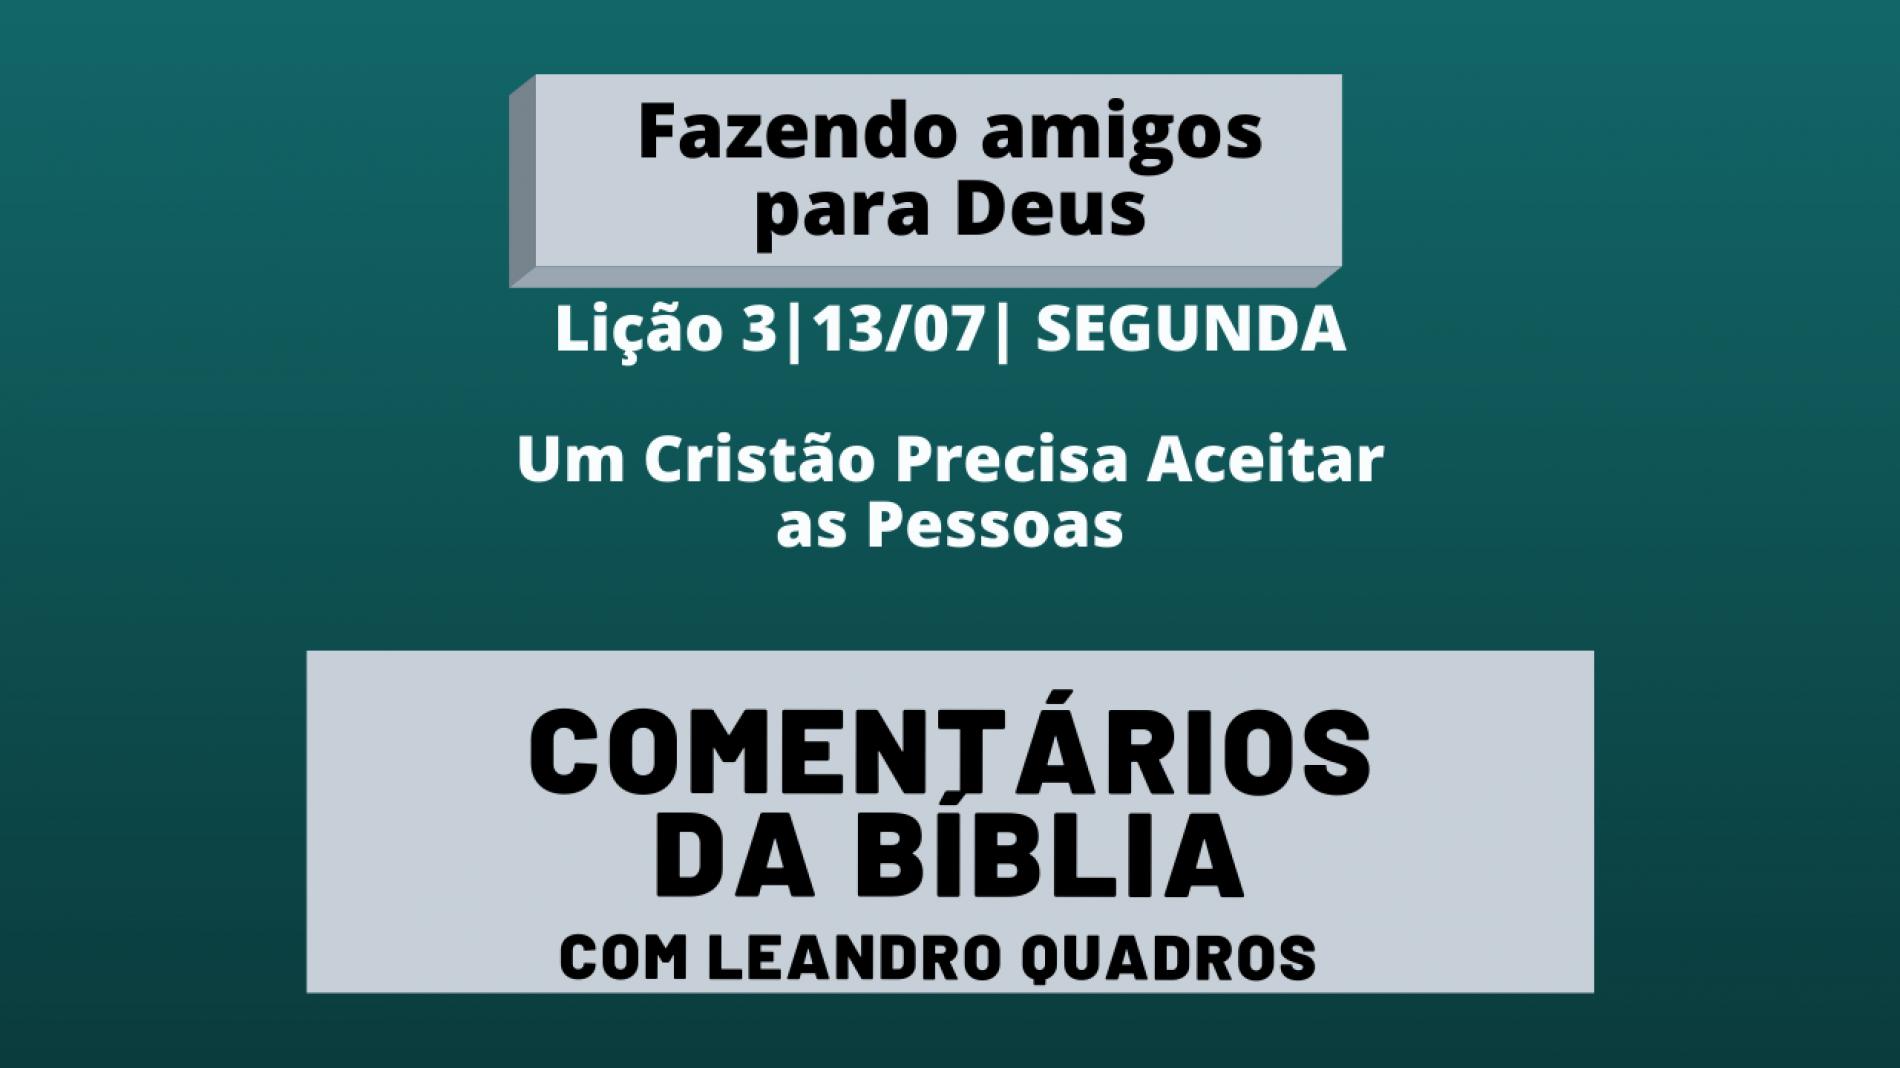 Segunda |13/07| Um Cristão Precisa Aceitar as Pessoas